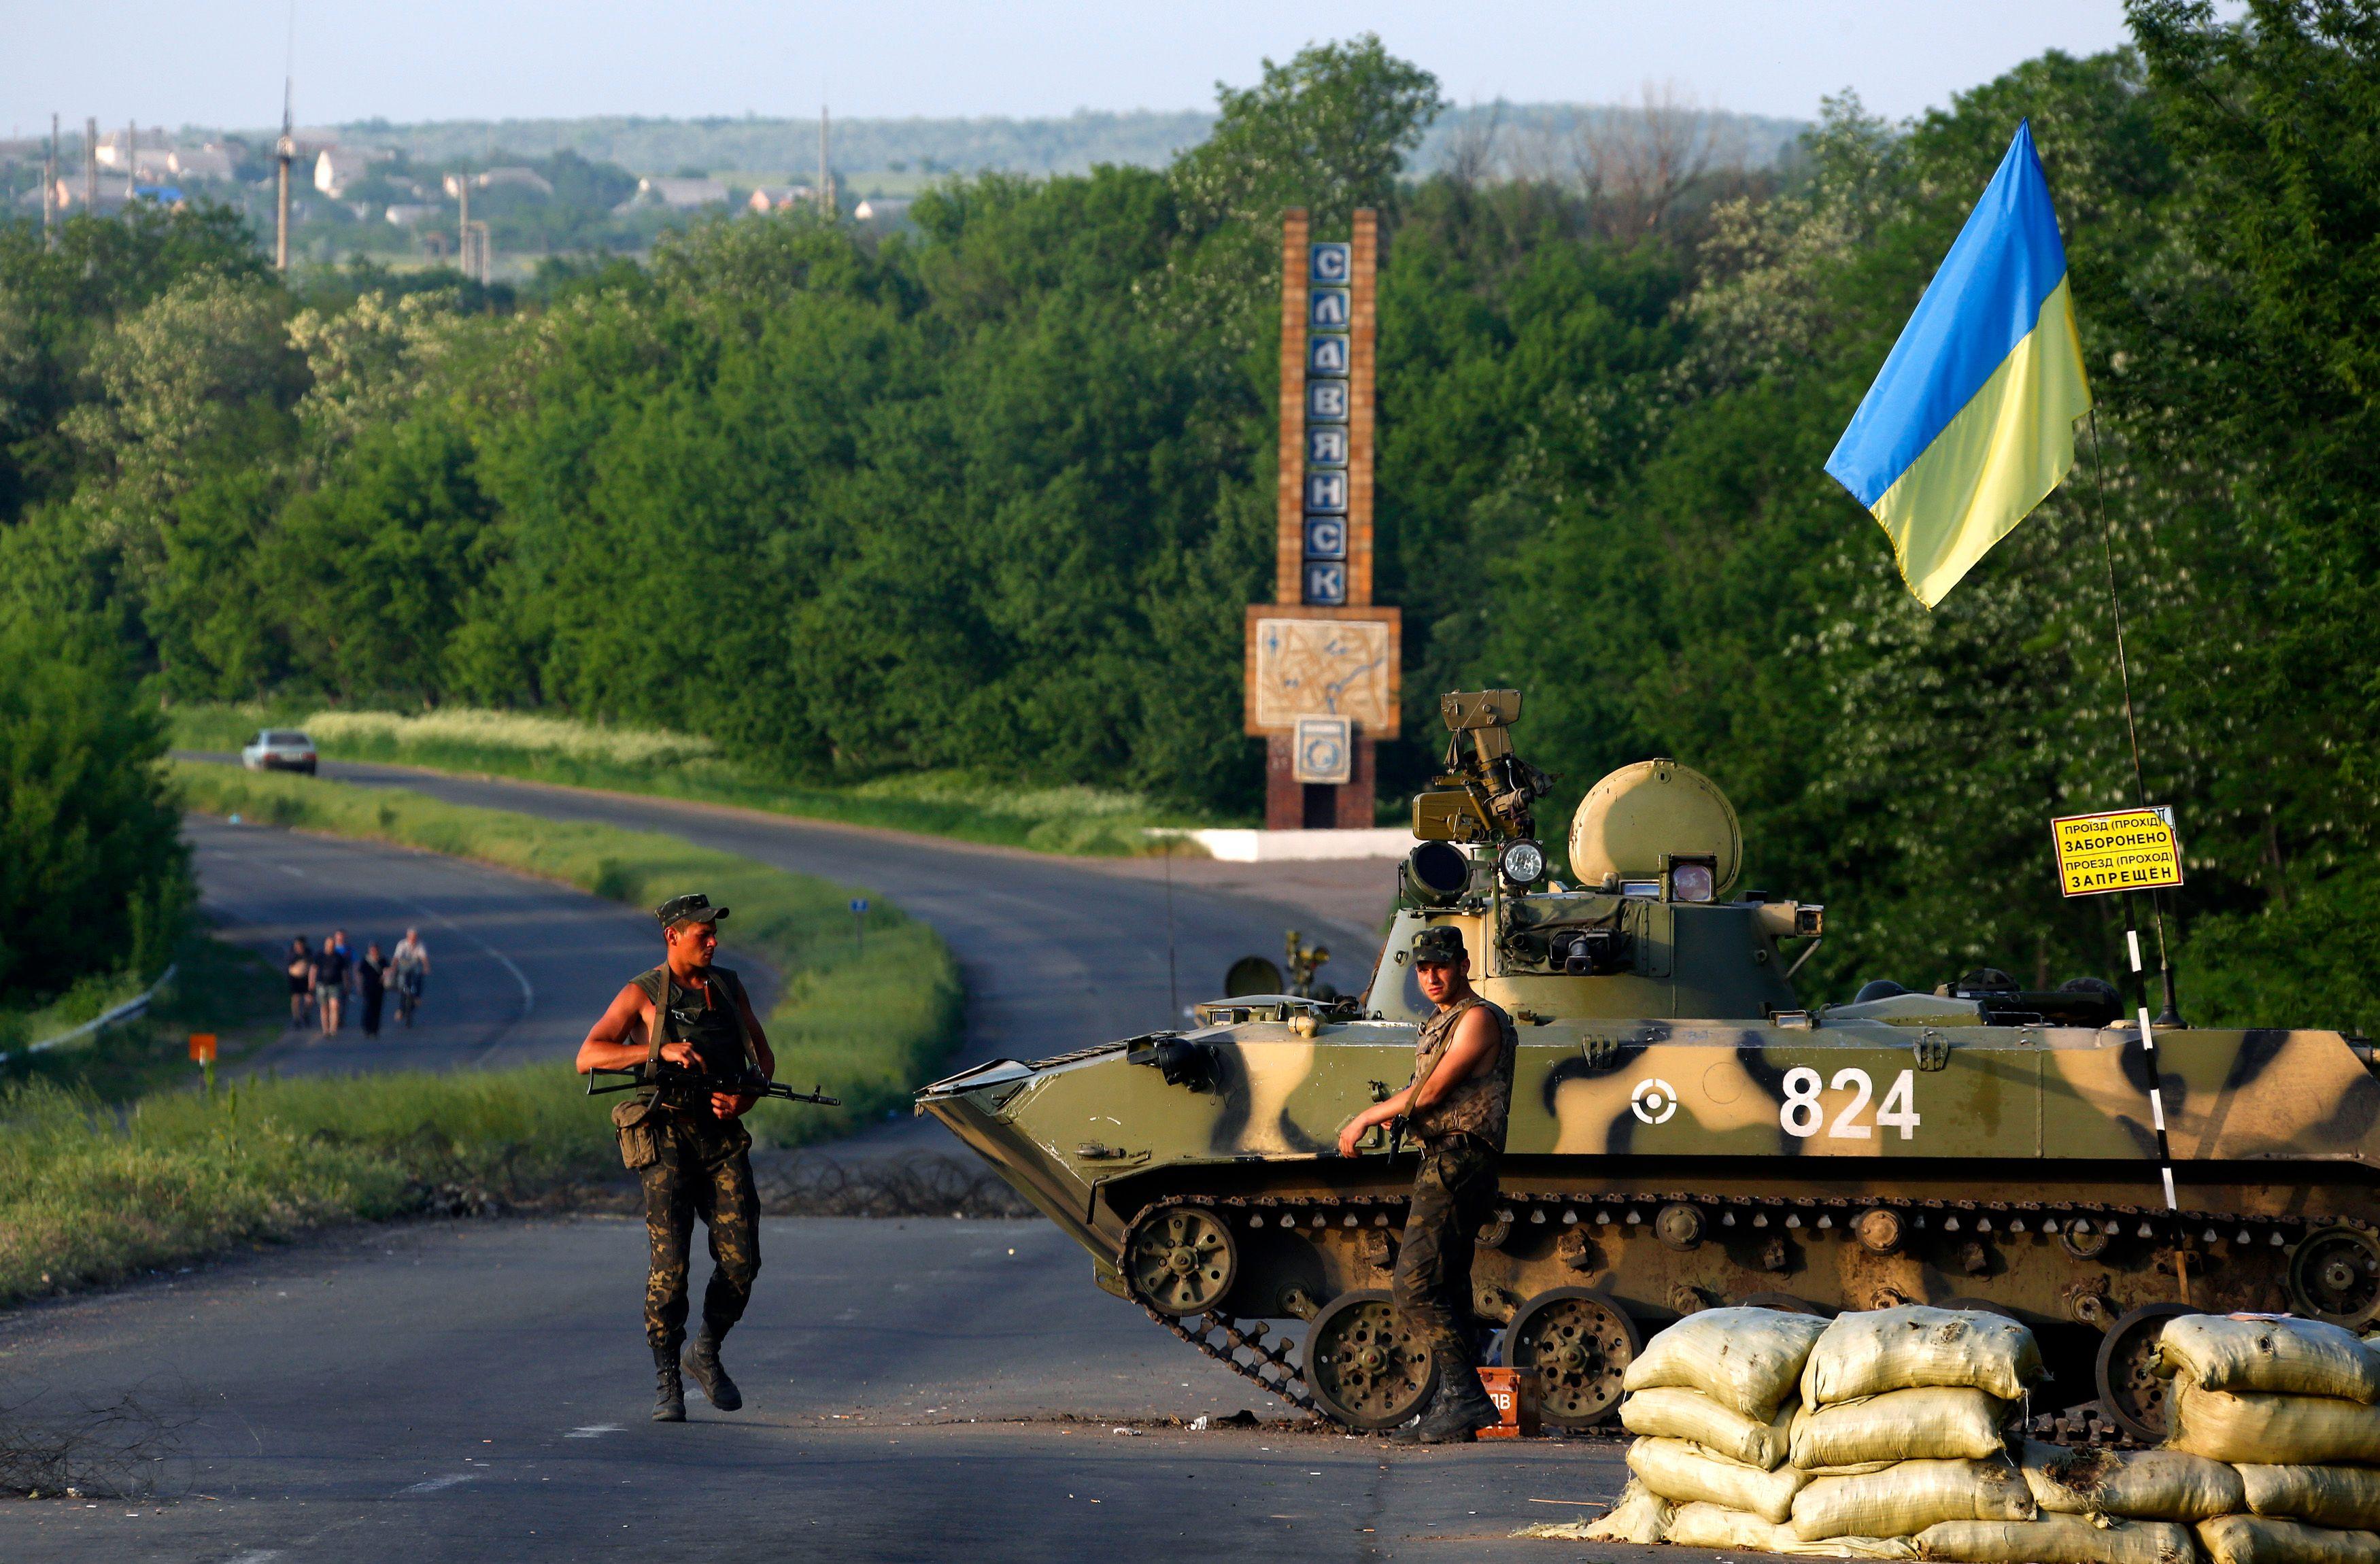 La situation s'est fortement tendu ces derniers jours en Ukraine.